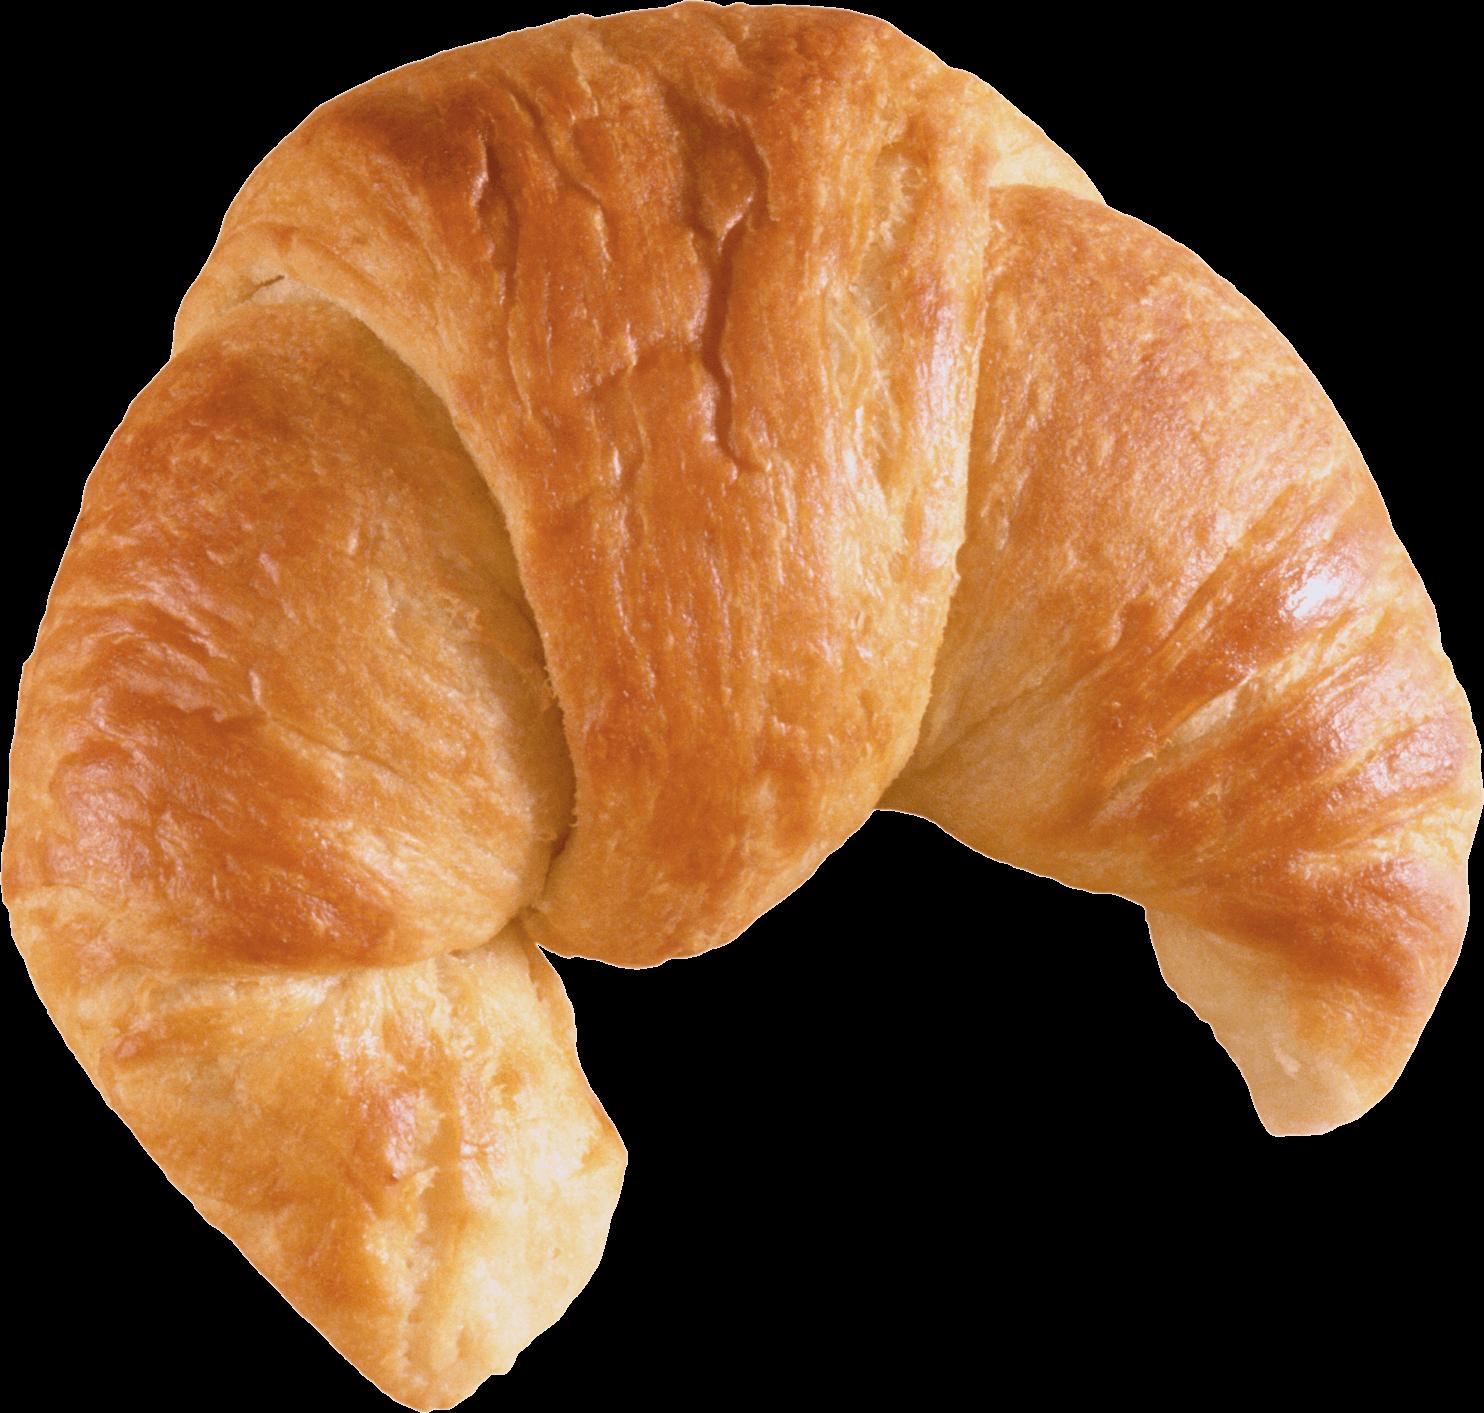 Croissant Bread Front Transparent PNG